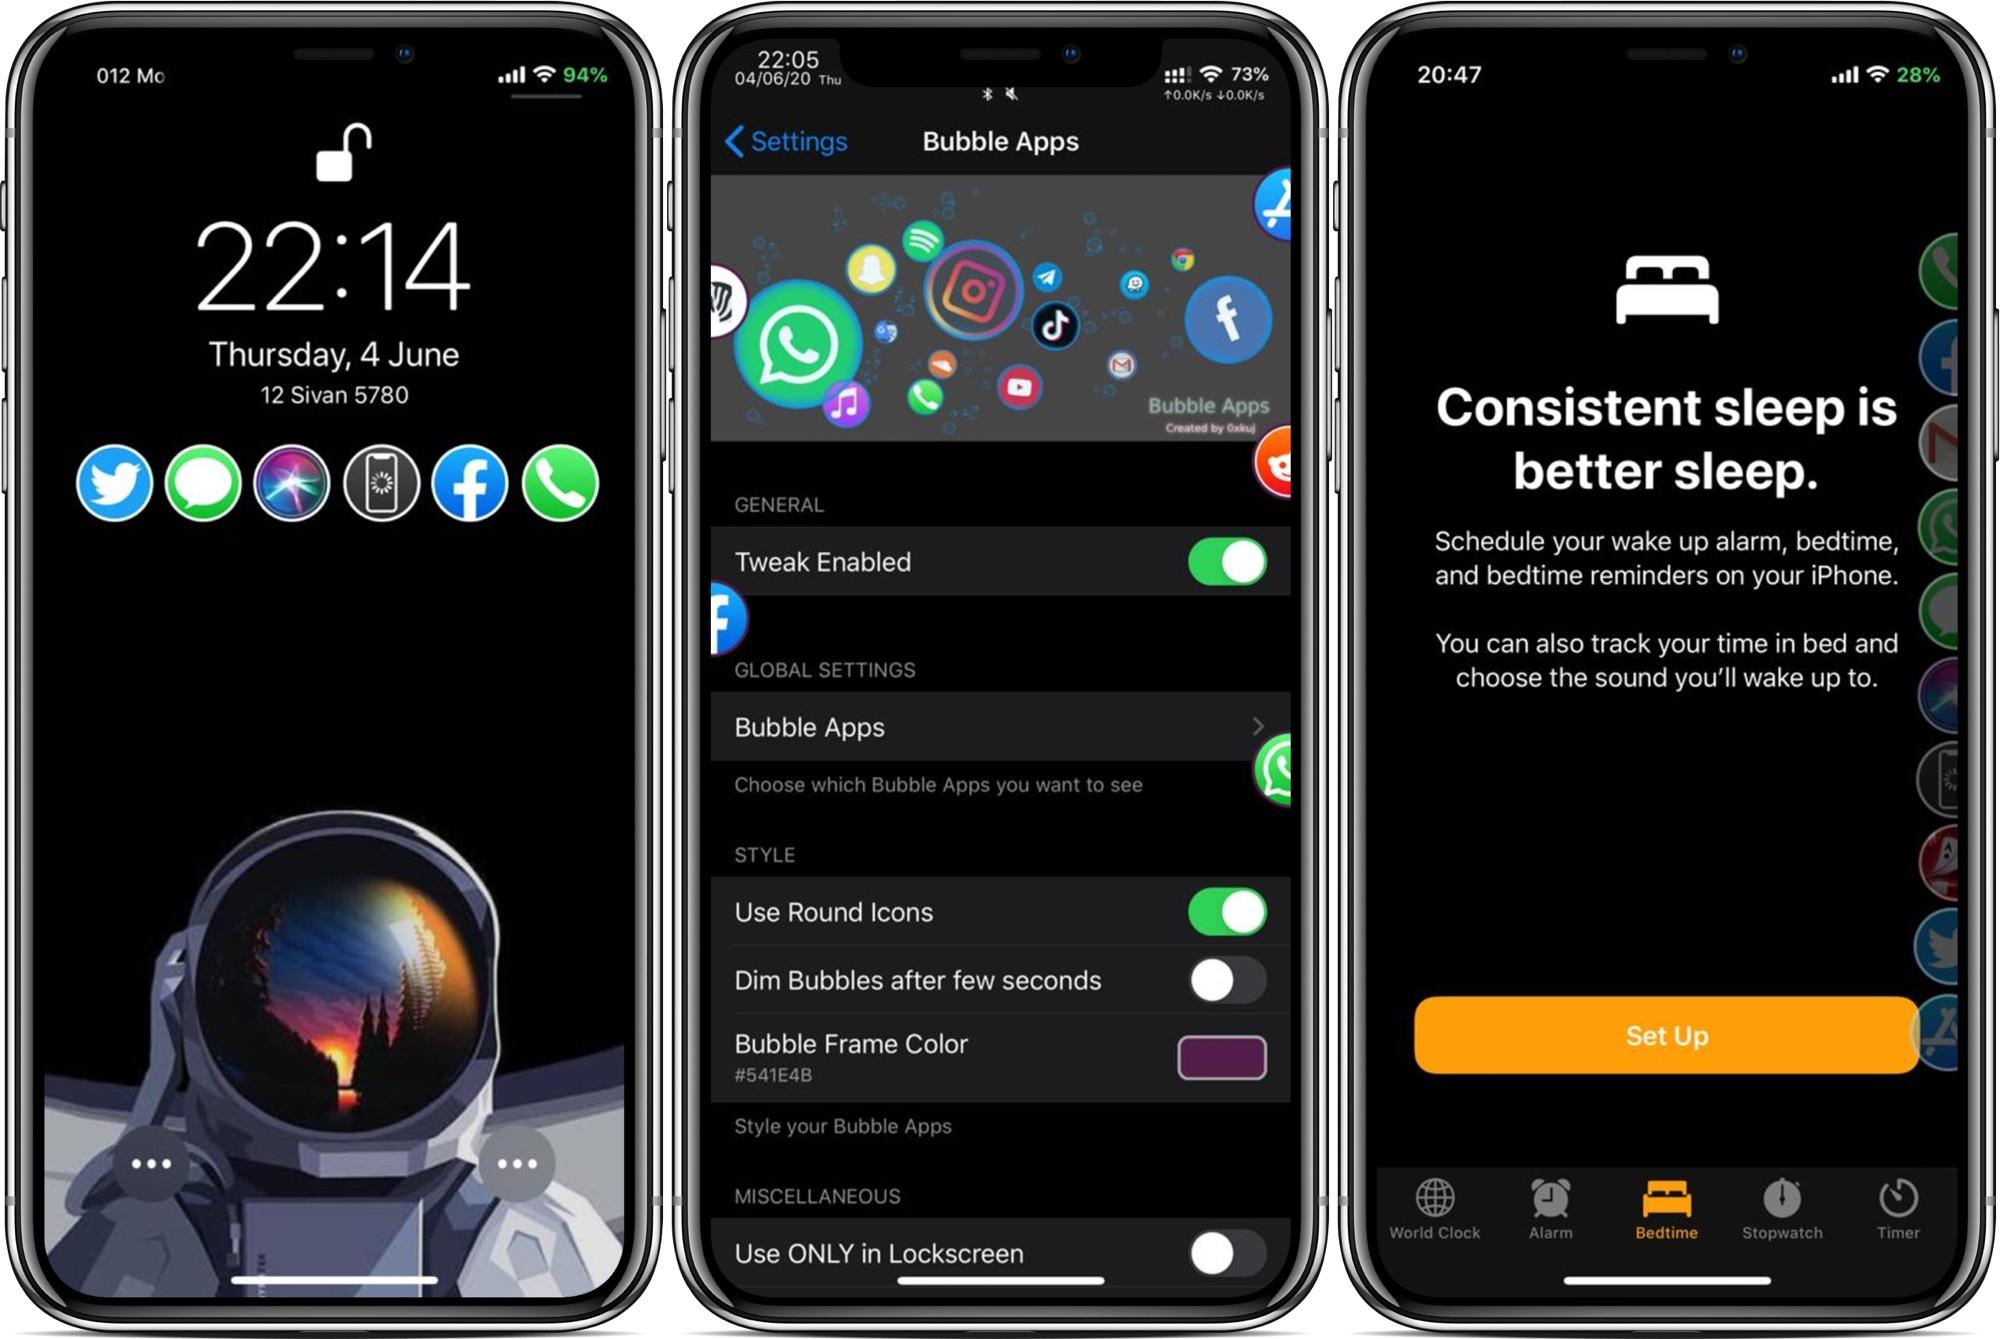 Ứng dụng bong bóng là một trình khởi chạy ứng dụng có cấu hình cao dành cho iPhone đã jailbreak 7